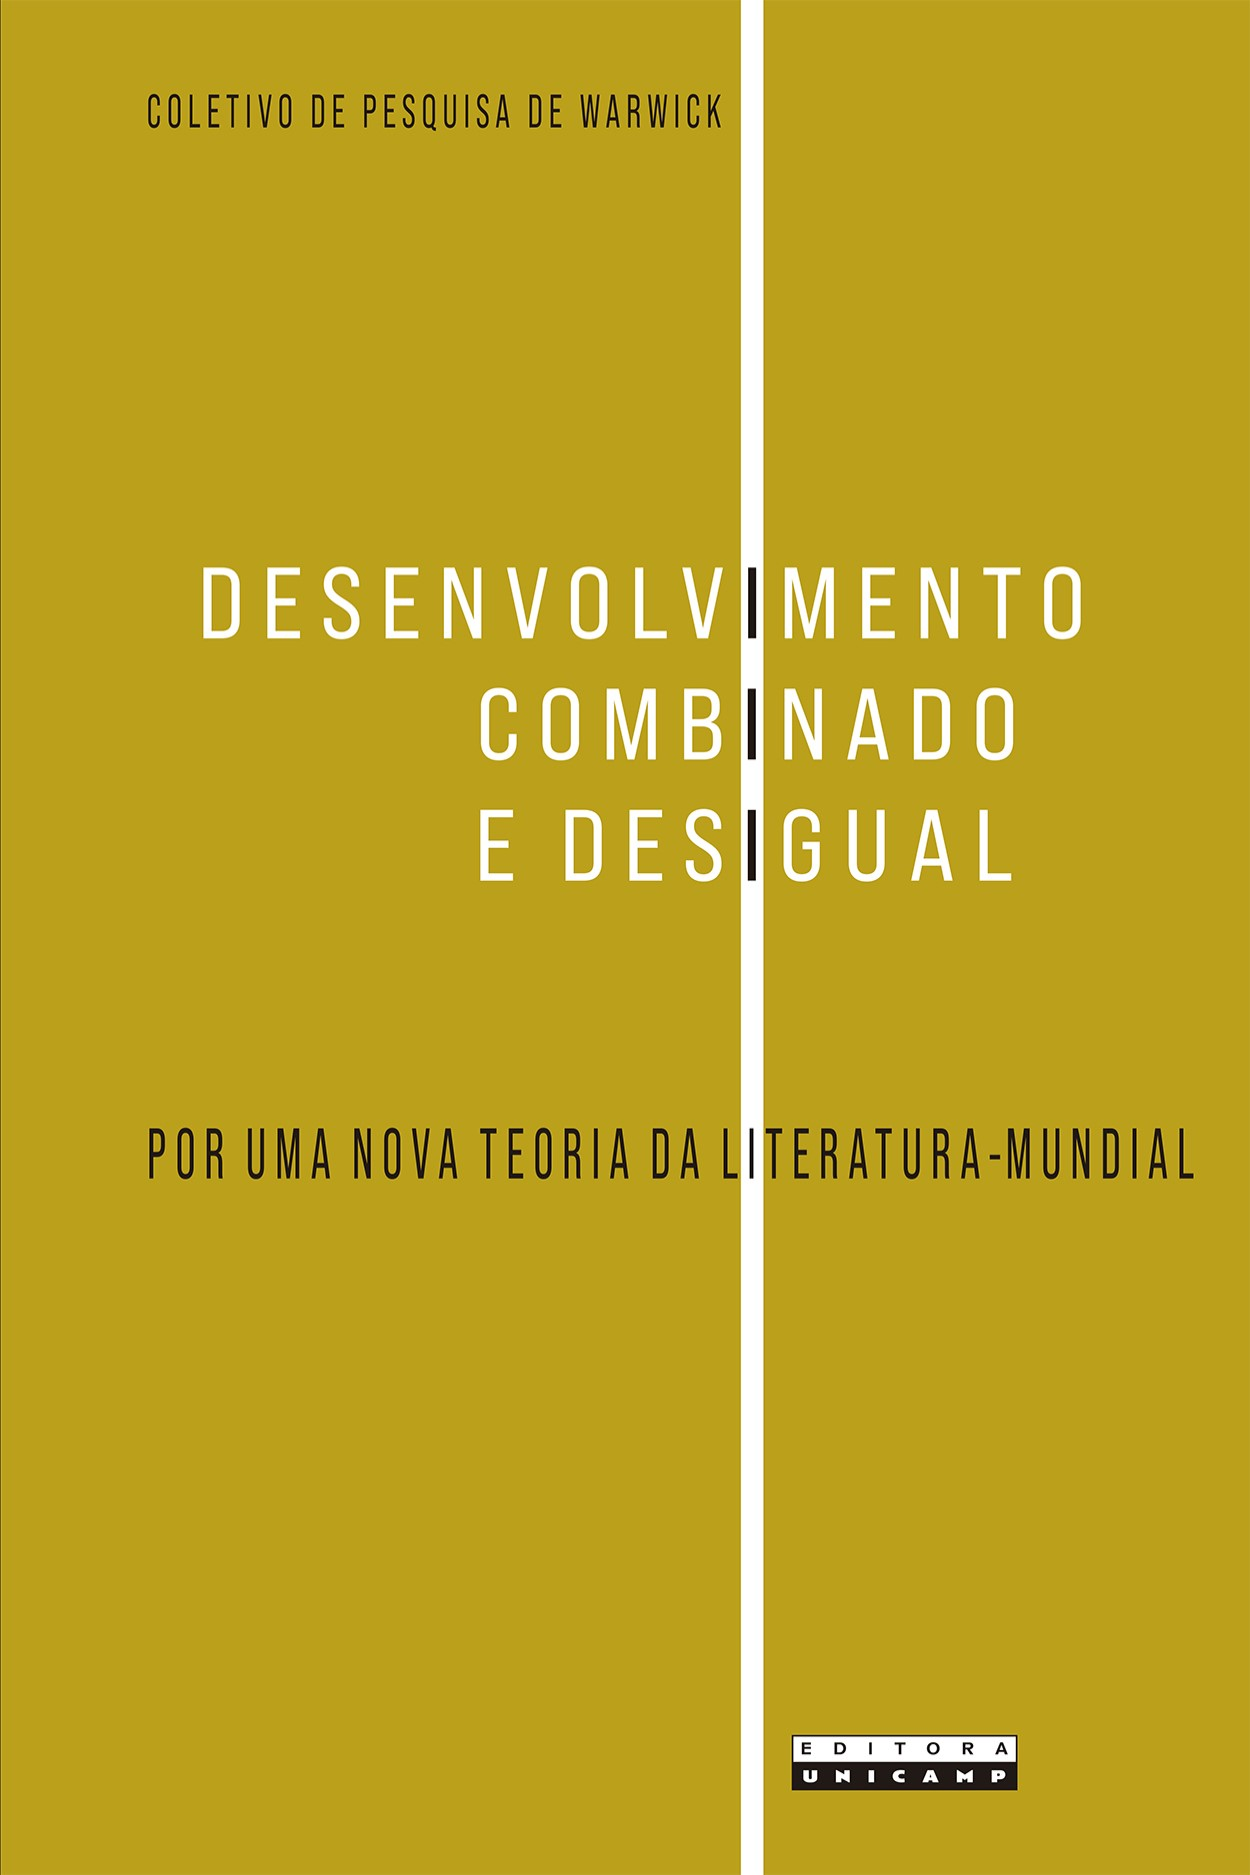 Desenvolvimento combinado e desigual. Por uma nova teoria da literatura-mundial, livro de G. B. Zanfelice, Coletivo de Pesquisa de Warwick